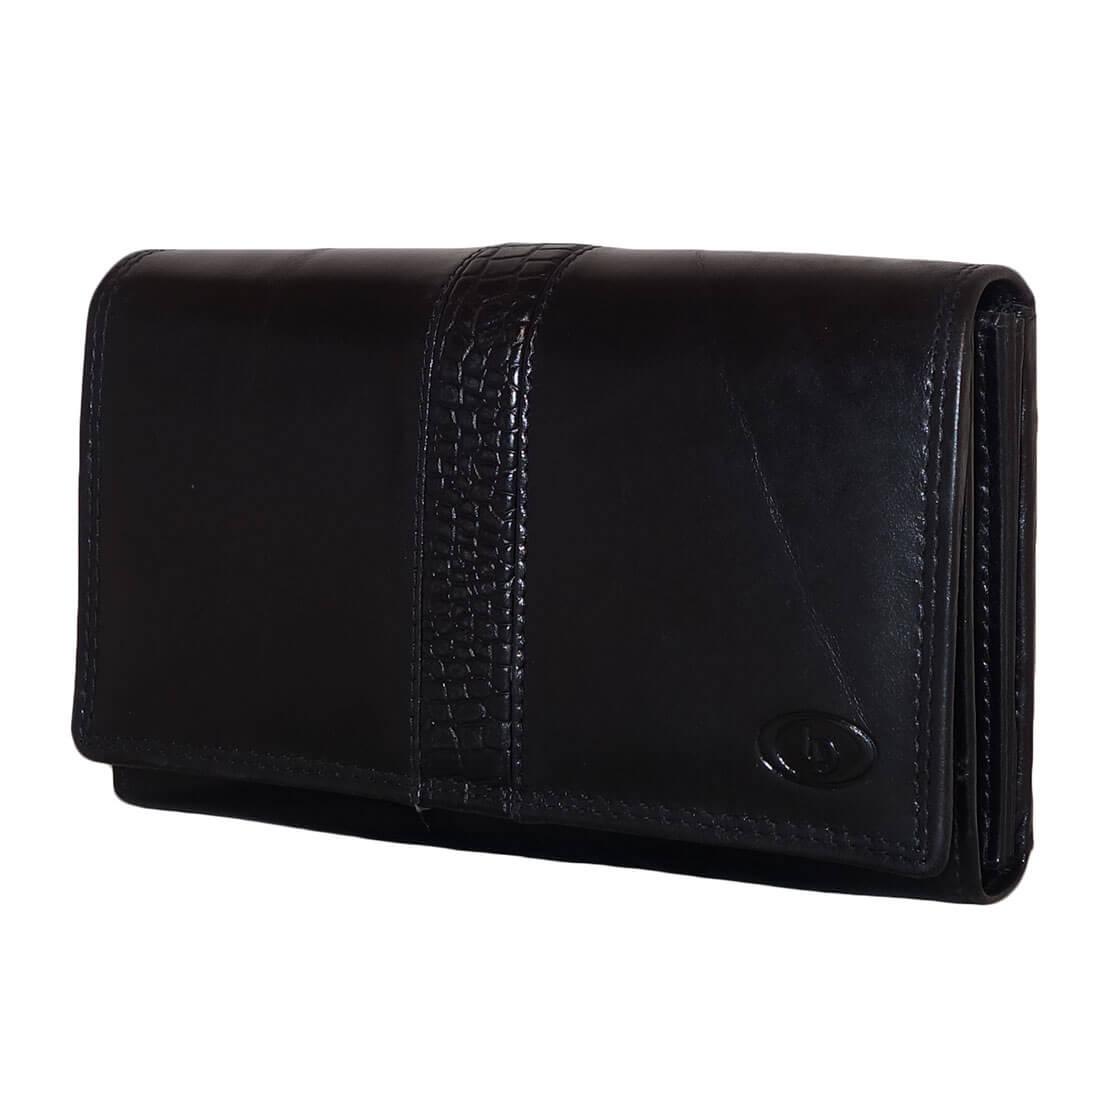 c3b07454eba Leuke dames Leather Design portemonnee met overslag. De portemonnee is  gemaakt van prachtig echt leer, het leer is soepel en voelt goed aan.